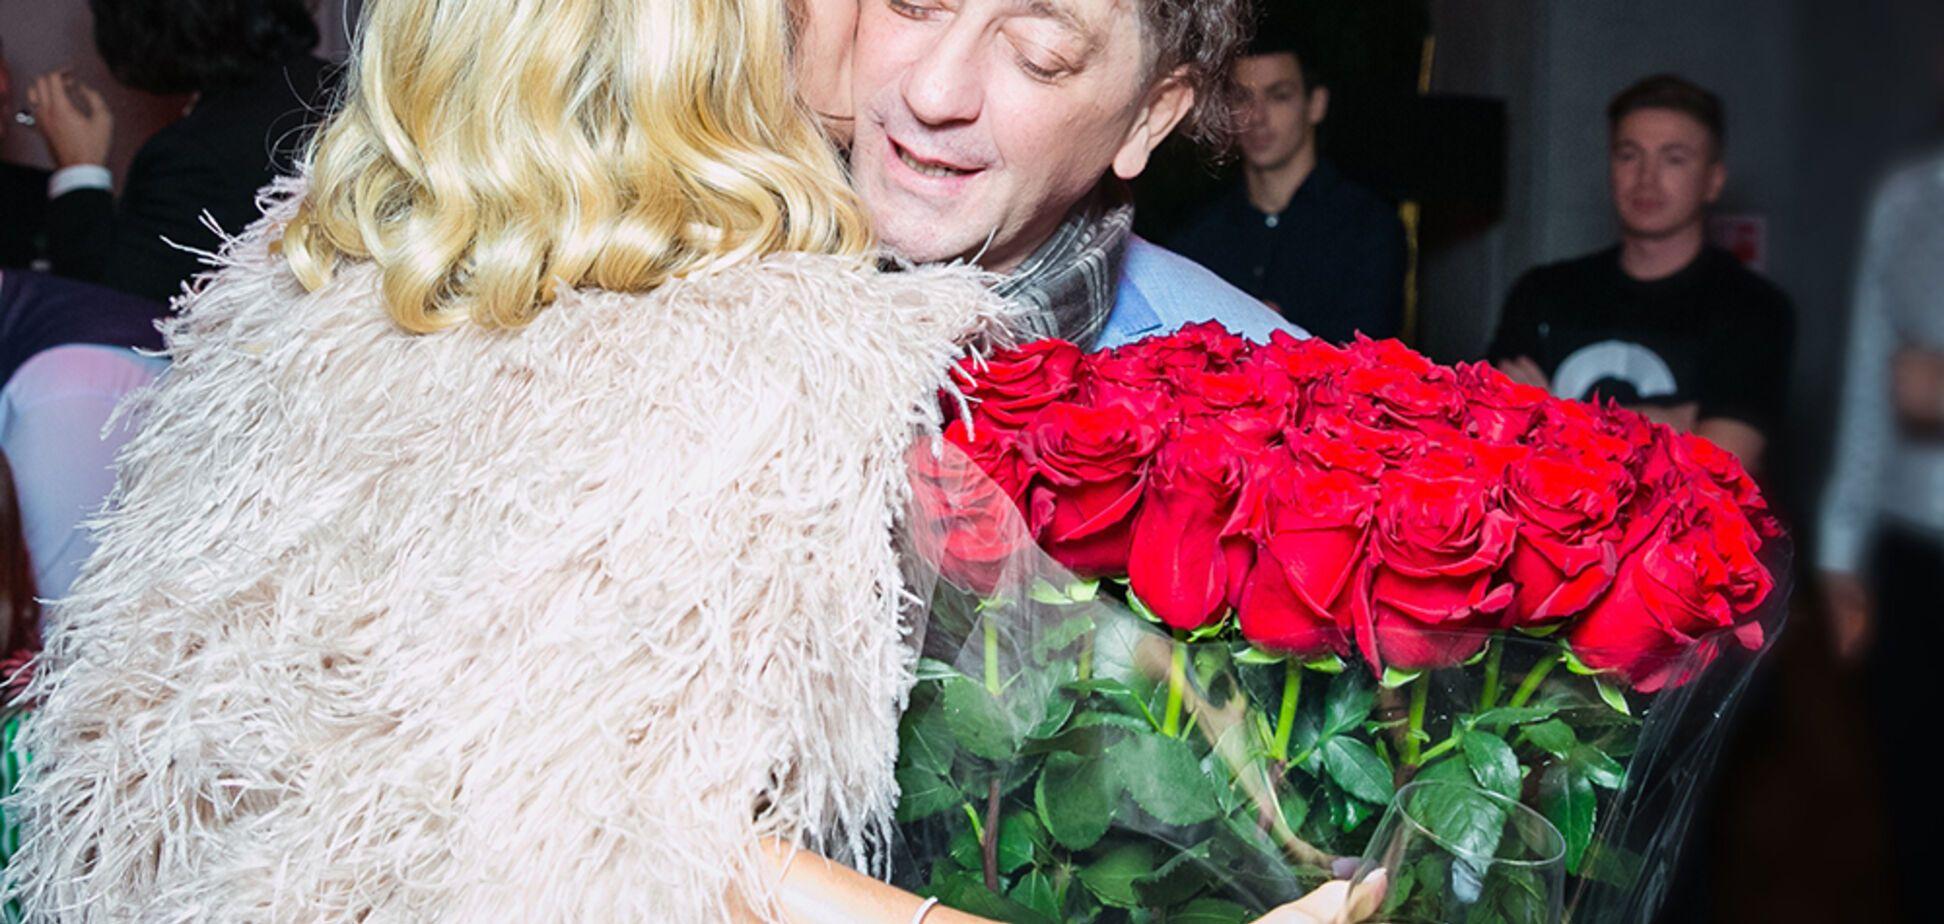 Не только звезды: вскрылись подробности о VIP-гостях юбилея Лободы в Москве